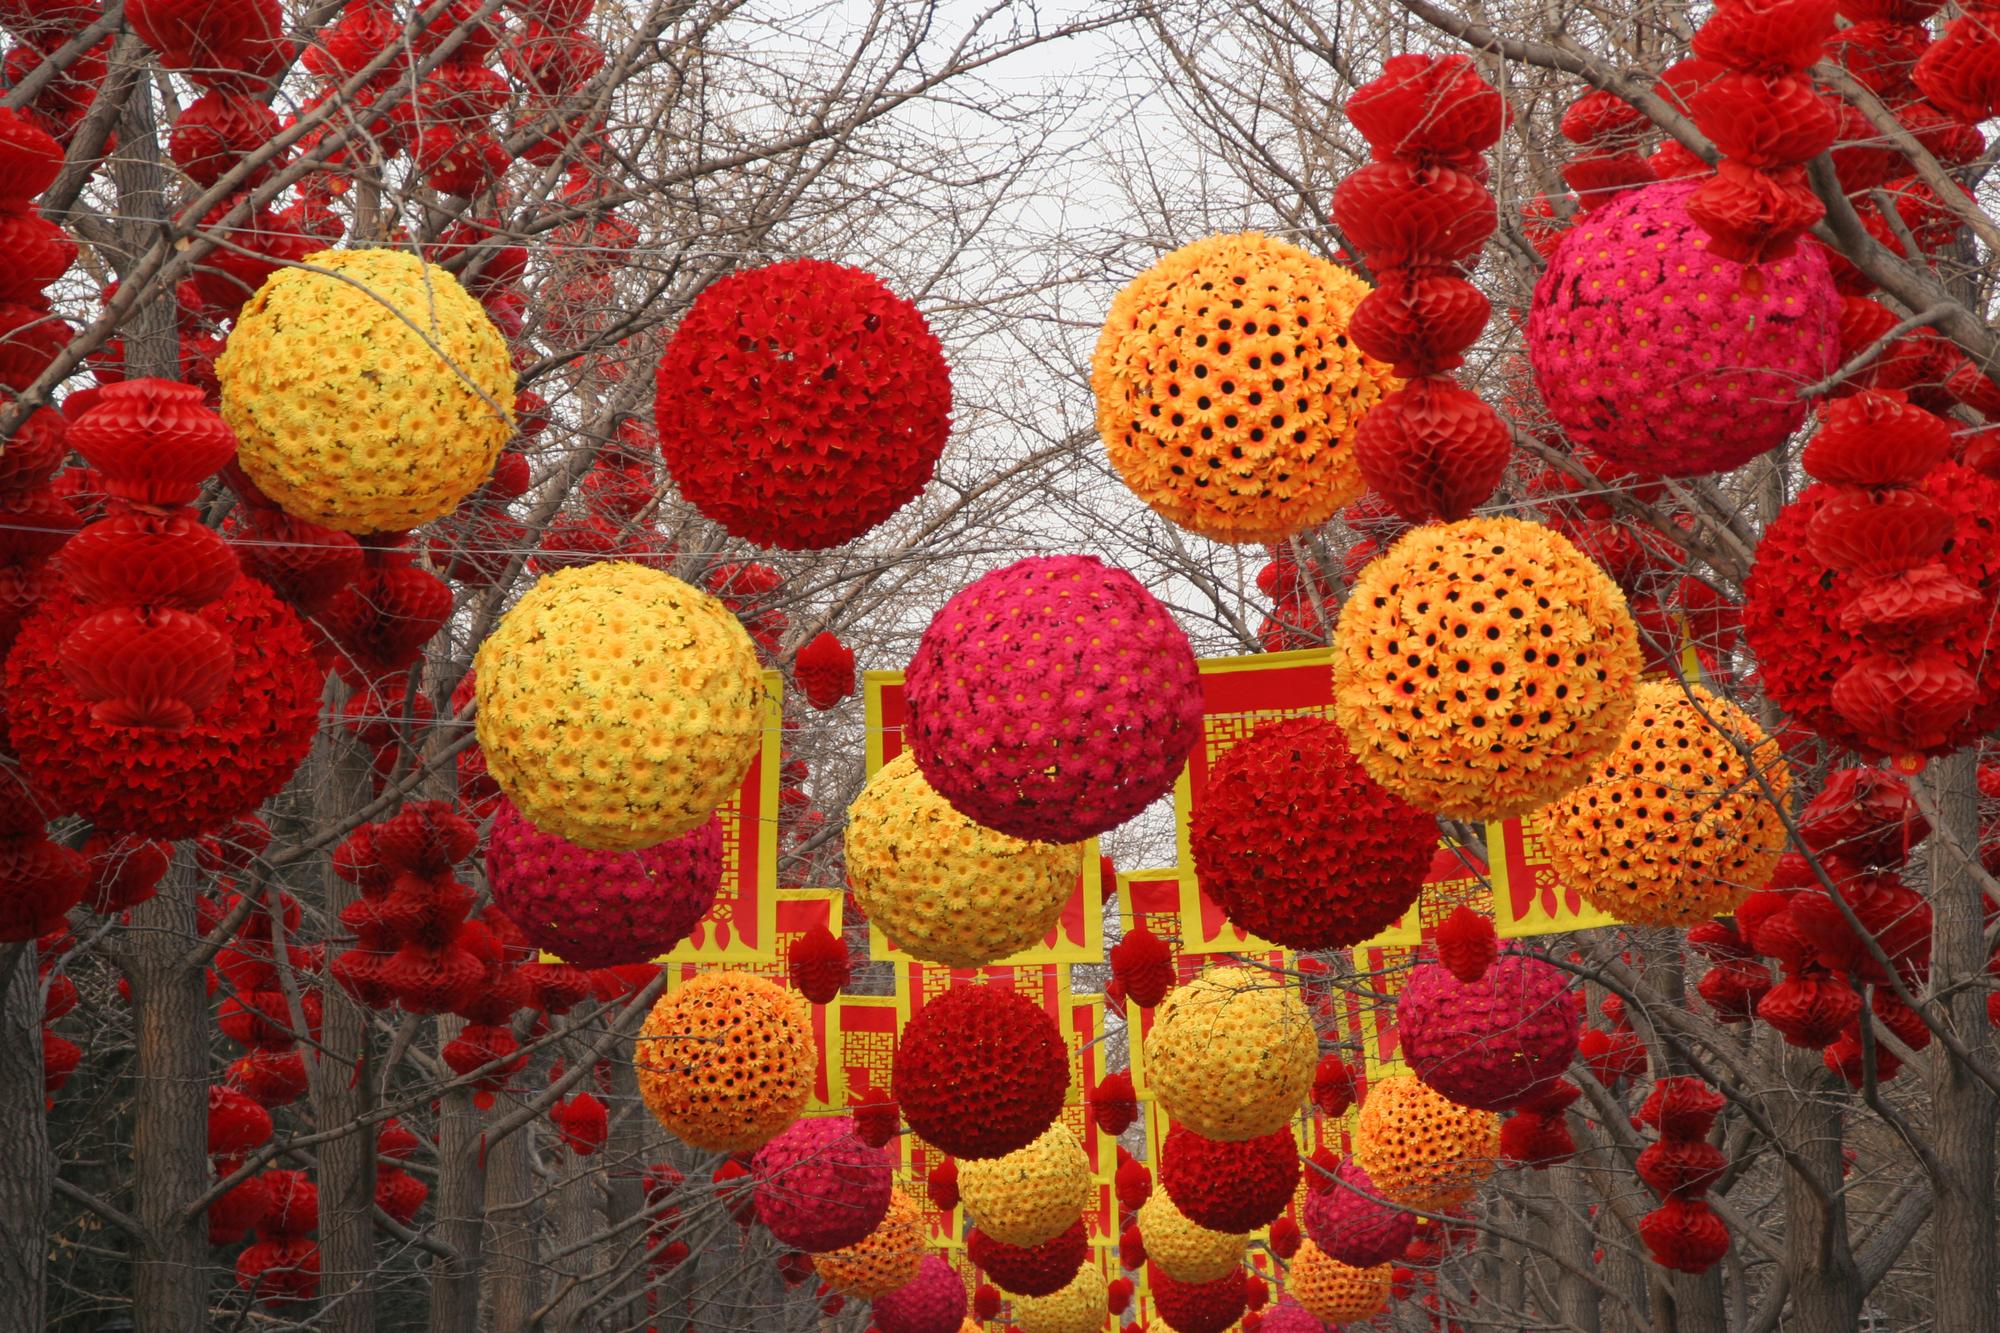 קישוטים לראש השנה הסיני. המחשה: depositphotos.com